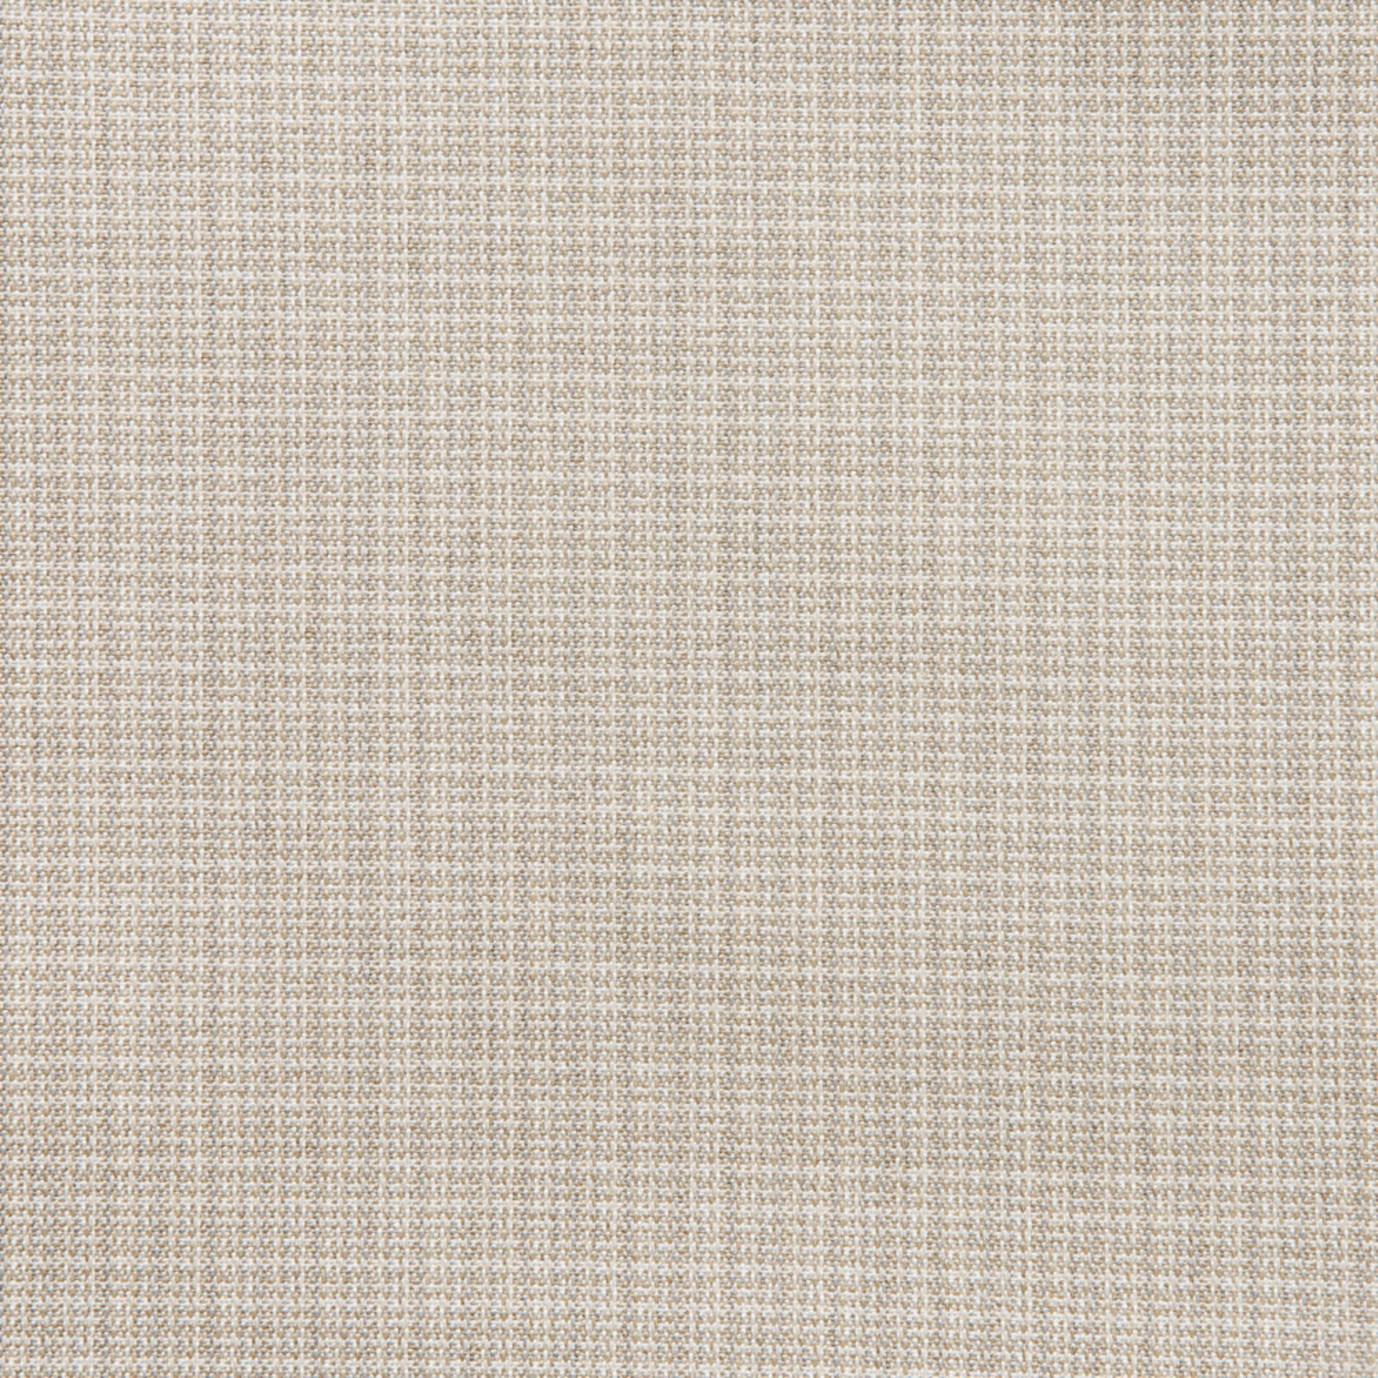 Cannes™ Swivel Barstool 2pk - Slate Gray